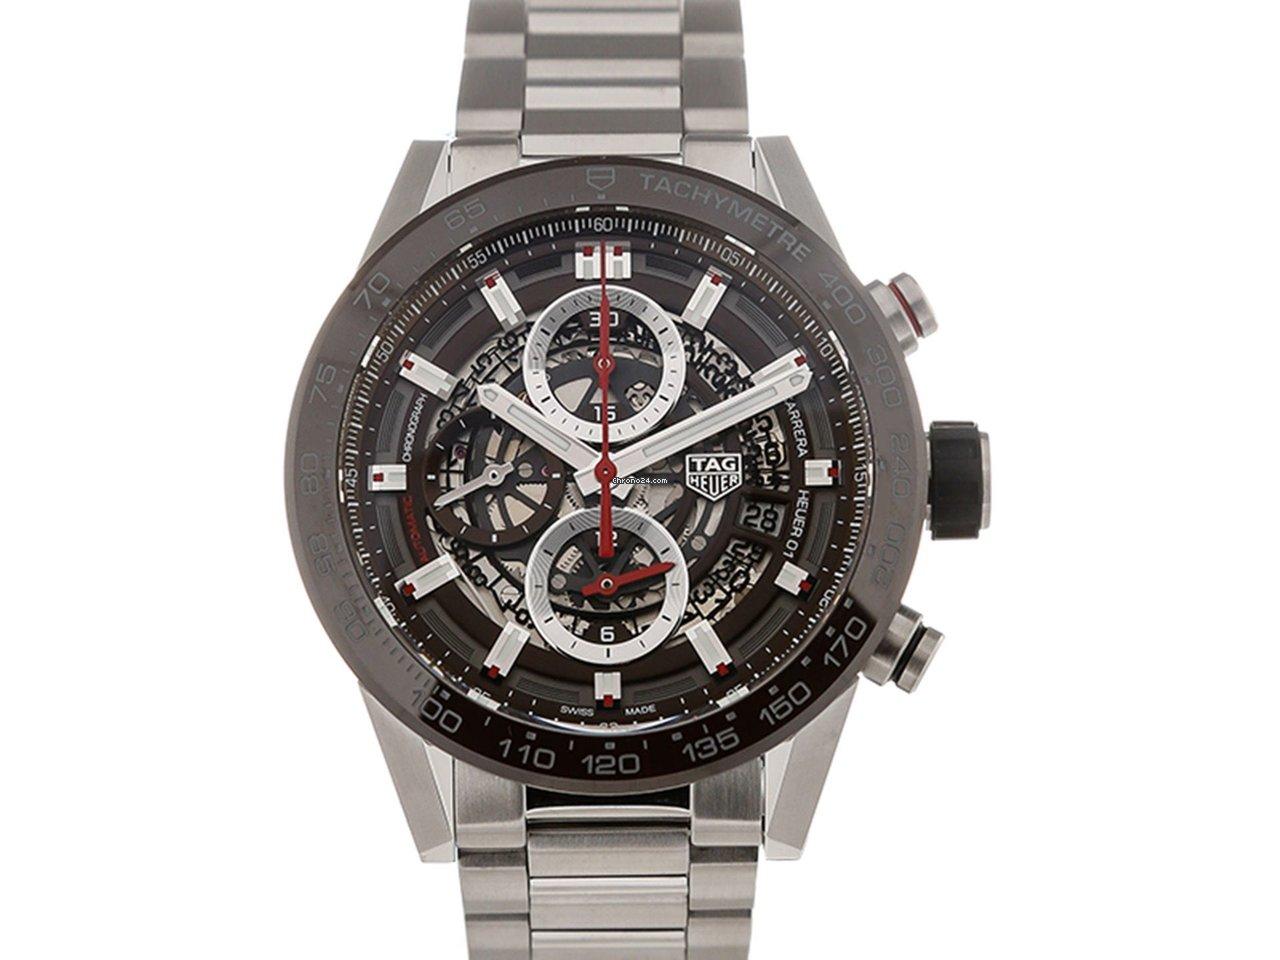 Механизм швейцарского производства отличается несравненной надежностью и исключительной точностью часовой механики..